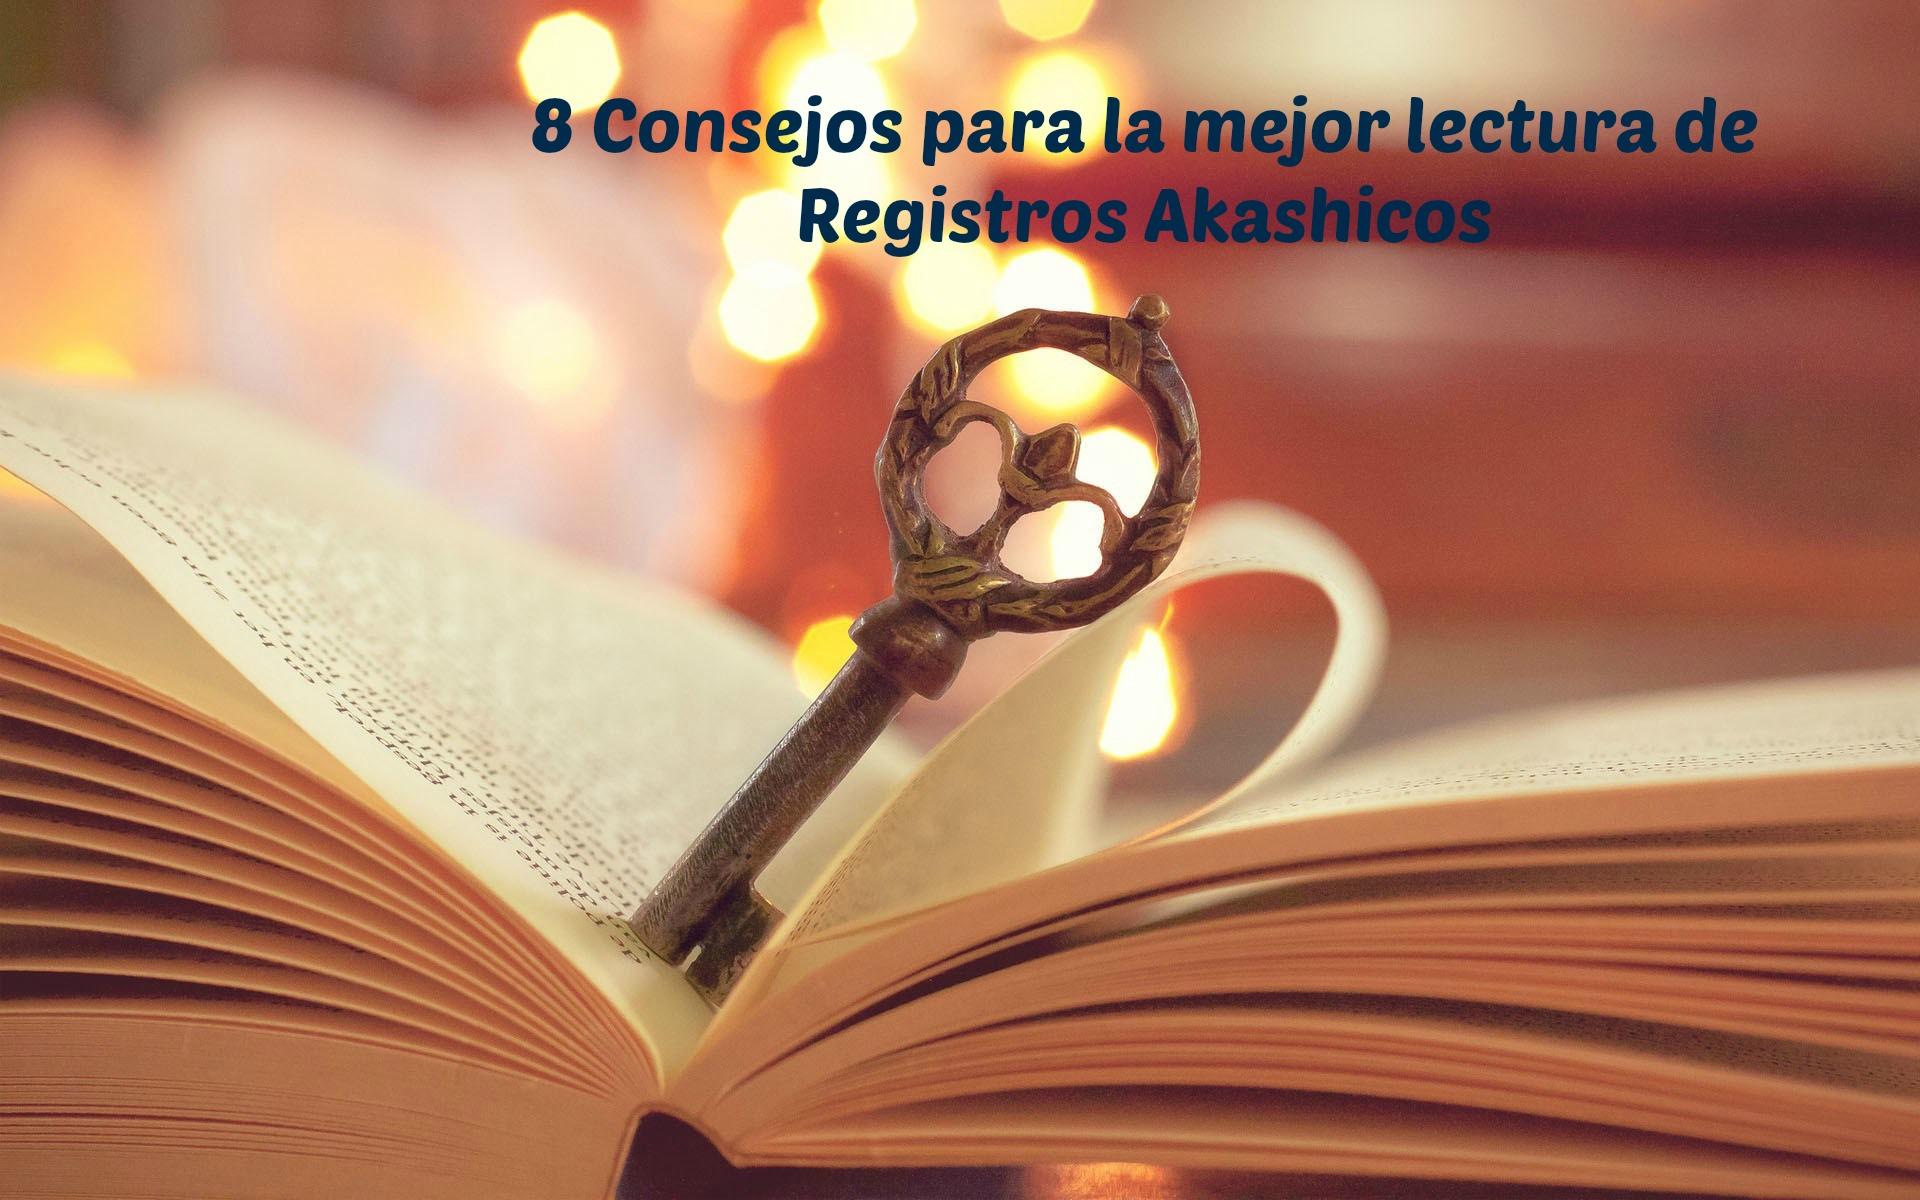 8 Consejos para la mejor Lectura de Registros Akashicos